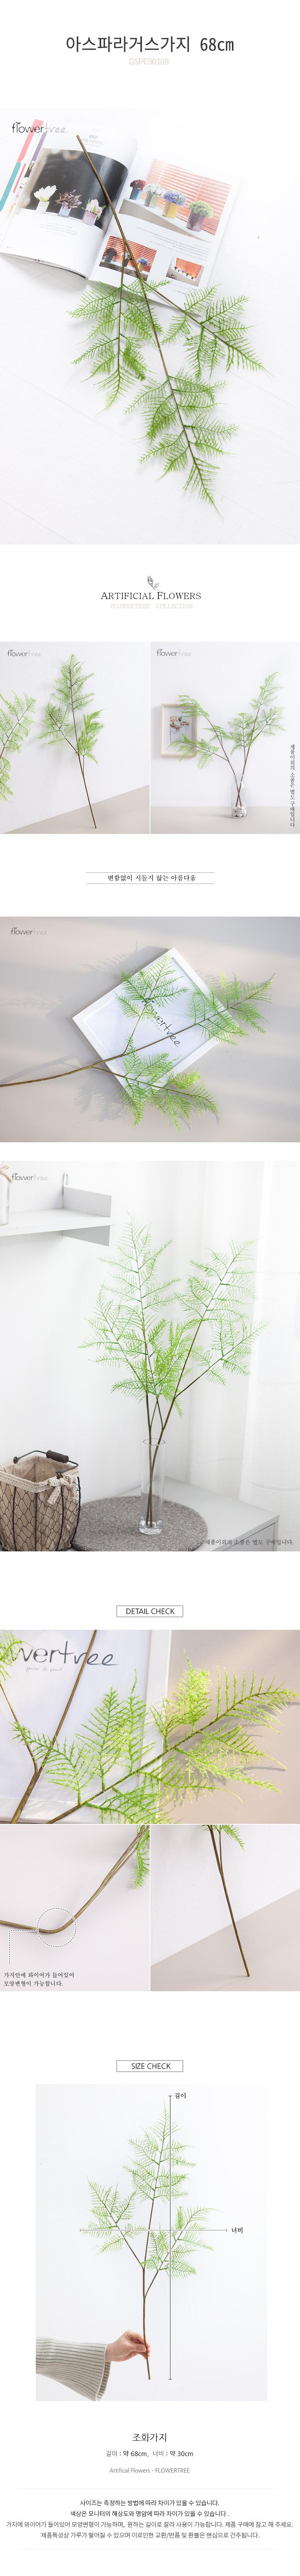 아스파라거스가지 68cm(조화) - 플라워트리, 4,500원, 조화, 부쉬